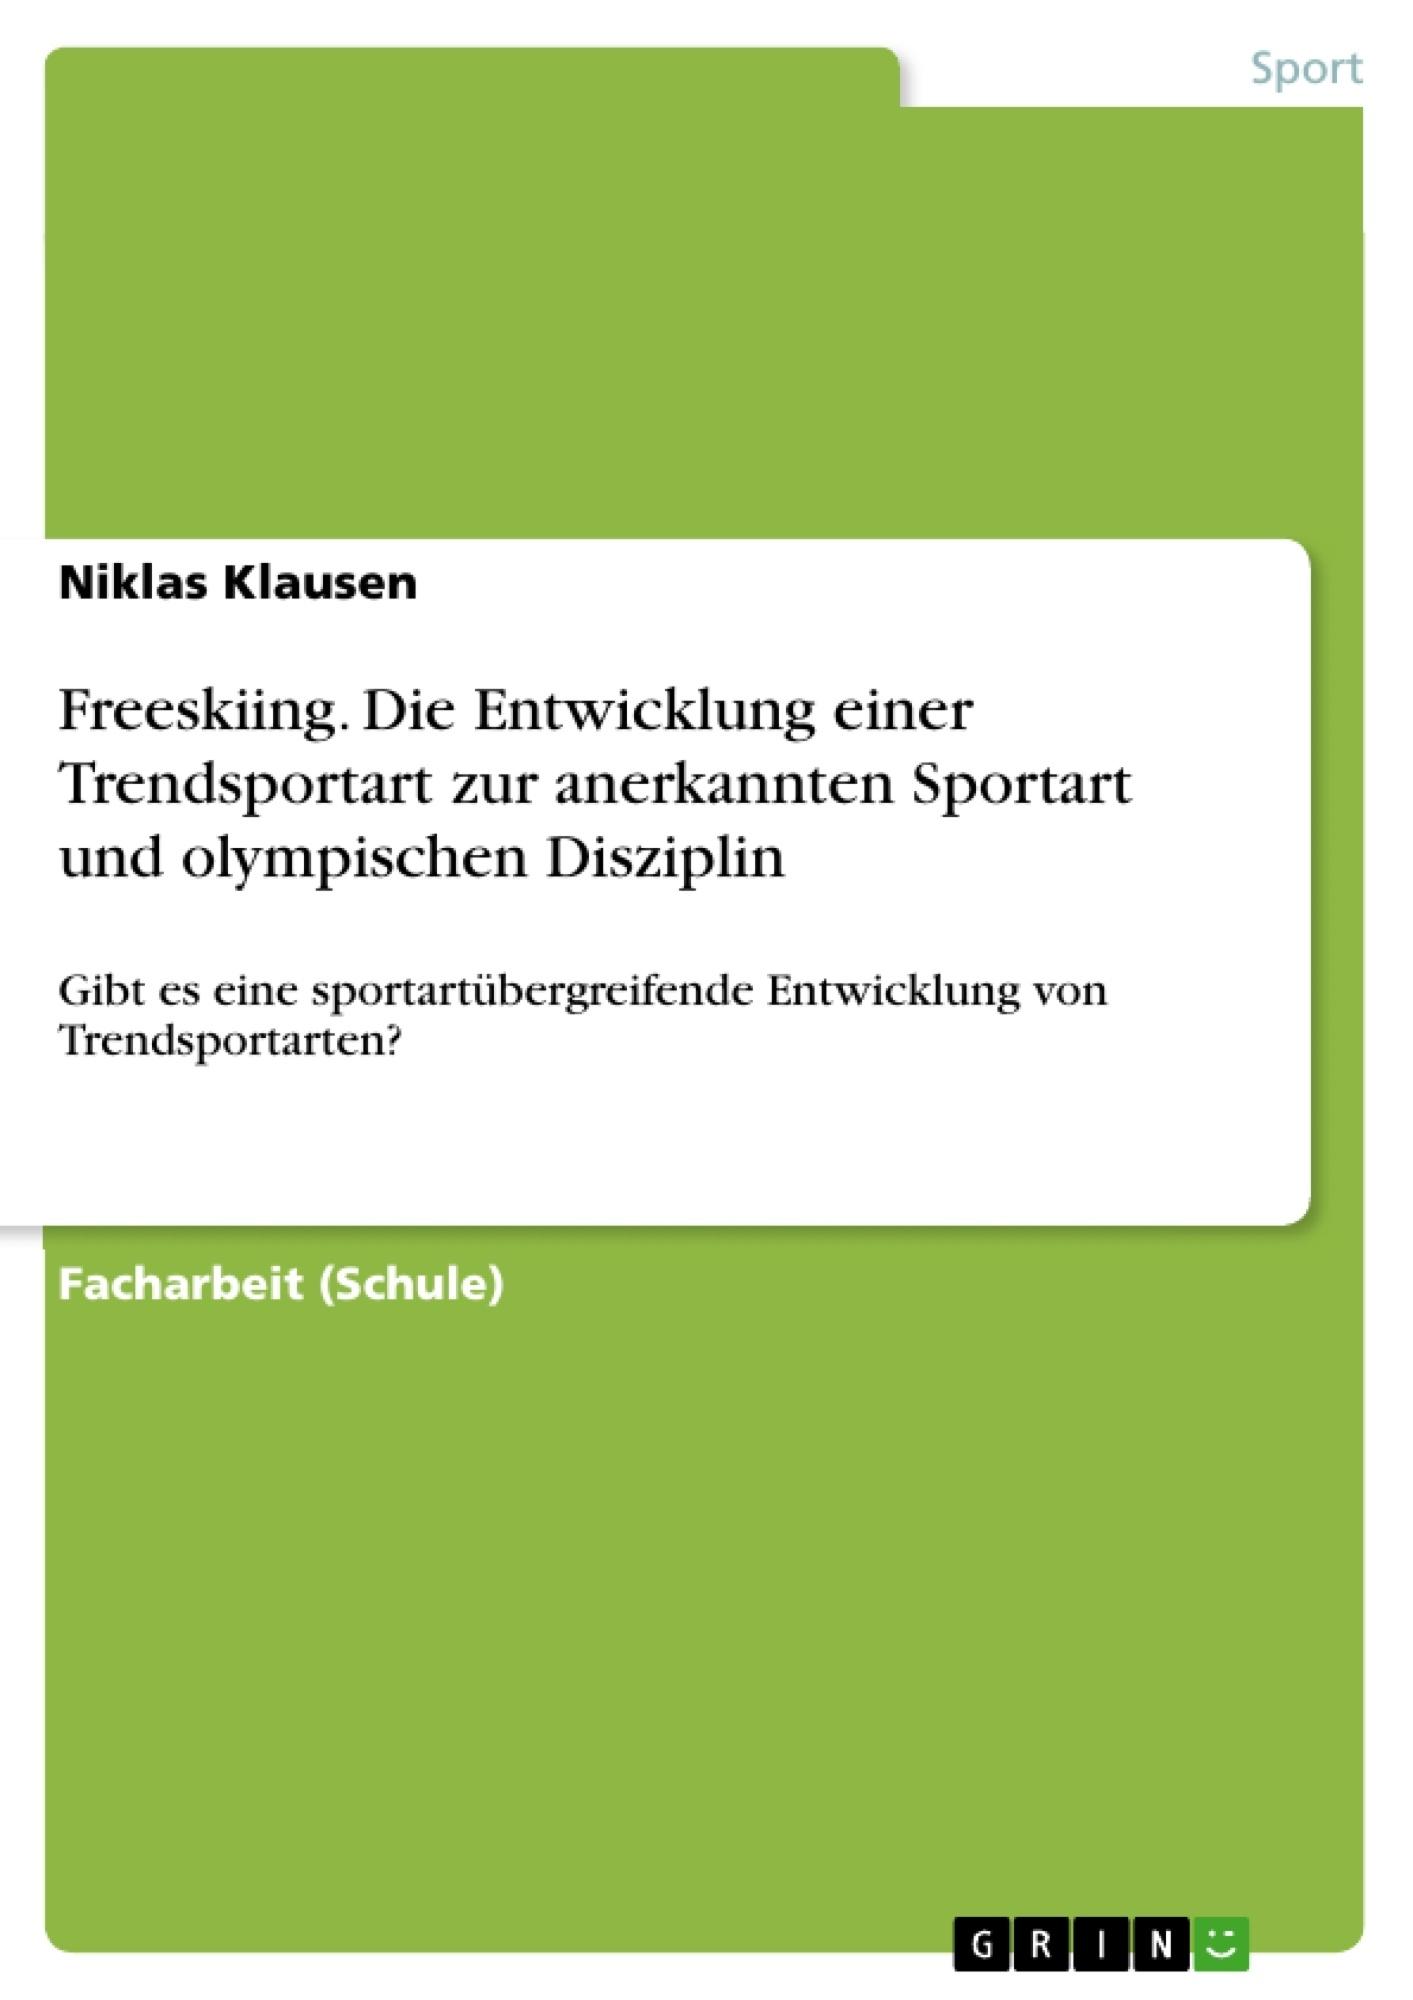 Titel: Freeskiing. Die Entwicklung einer Trendsportart zur anerkannten Sportart und olympischen Disziplin